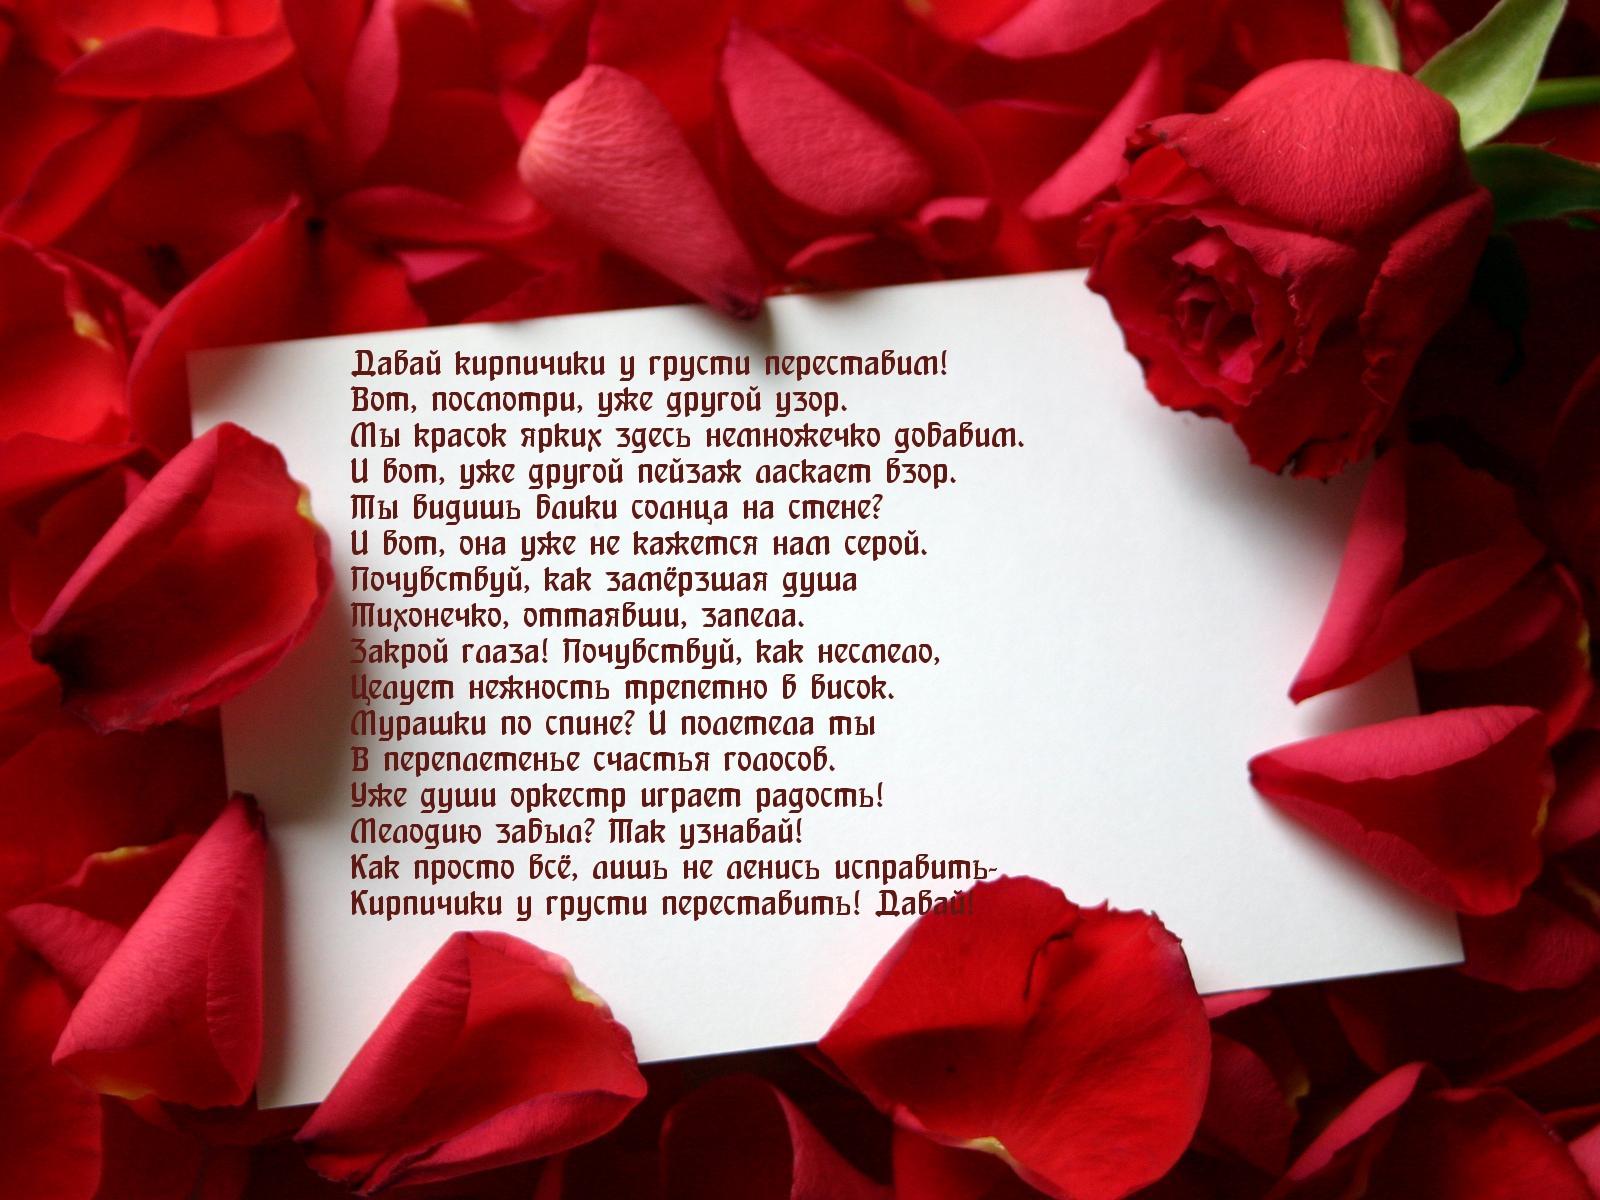 Открытки с красивыми стихами любимой девушке, саймона